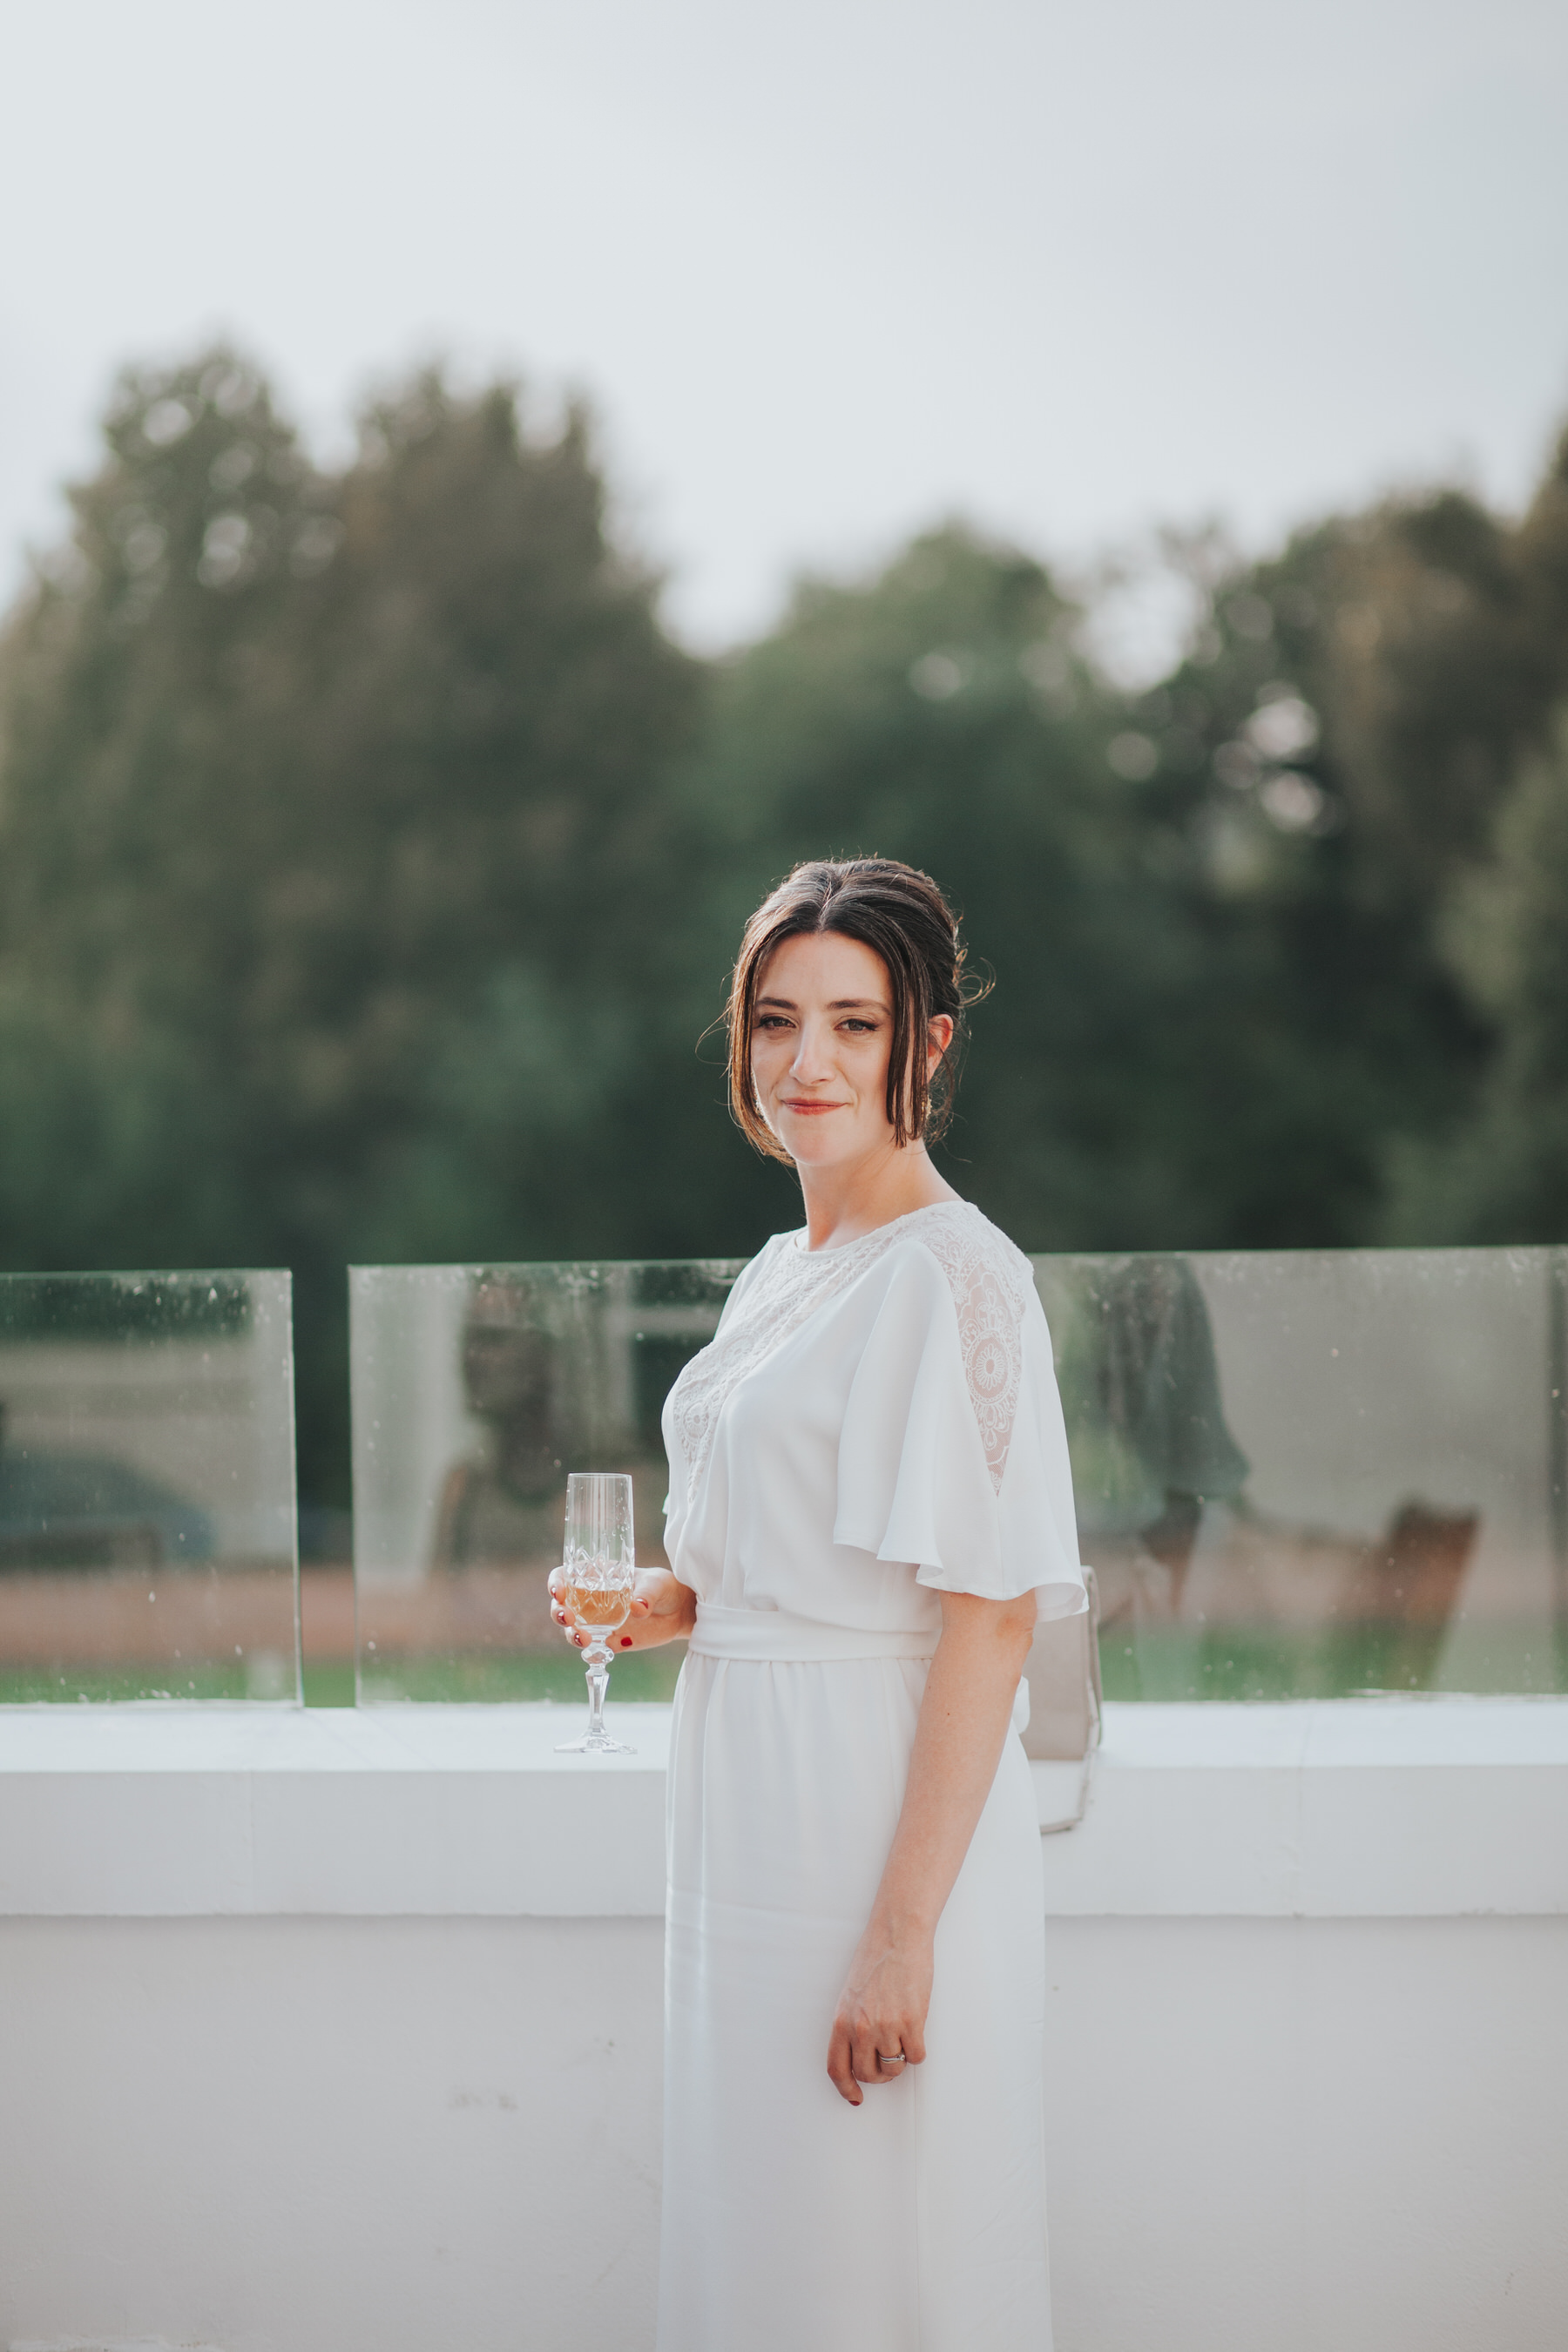 295-Belair House bride groom sunset drinks balcony.jpg